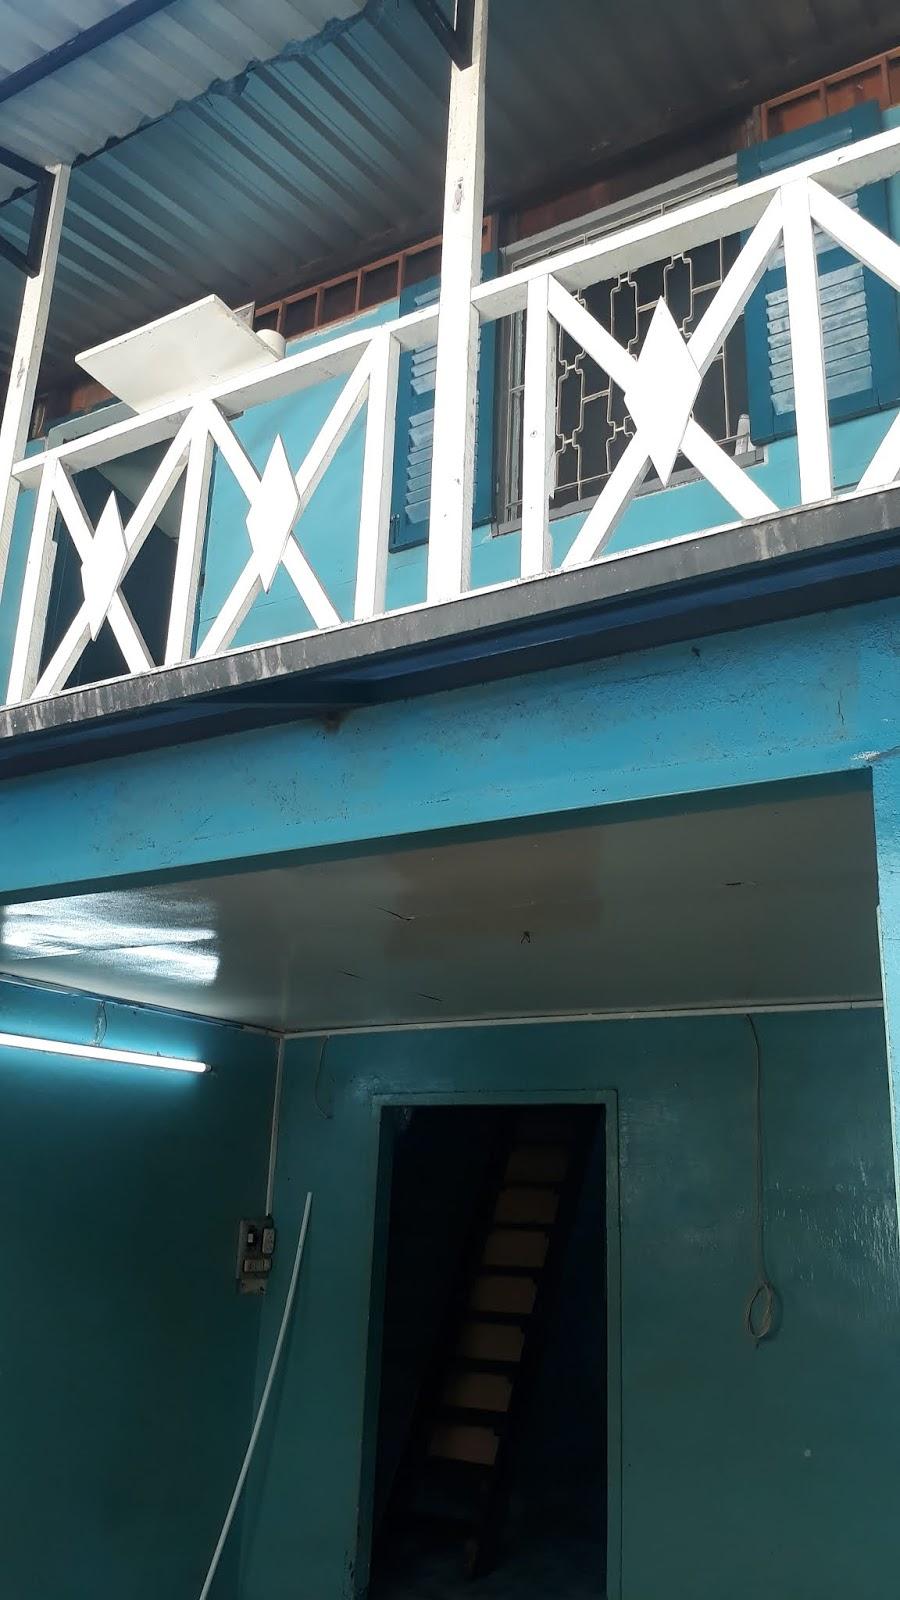 Bán nhà cấp 4 hẻm 64 Nguyễn Khoái phường 2 Quận 4 mới nhất 2020